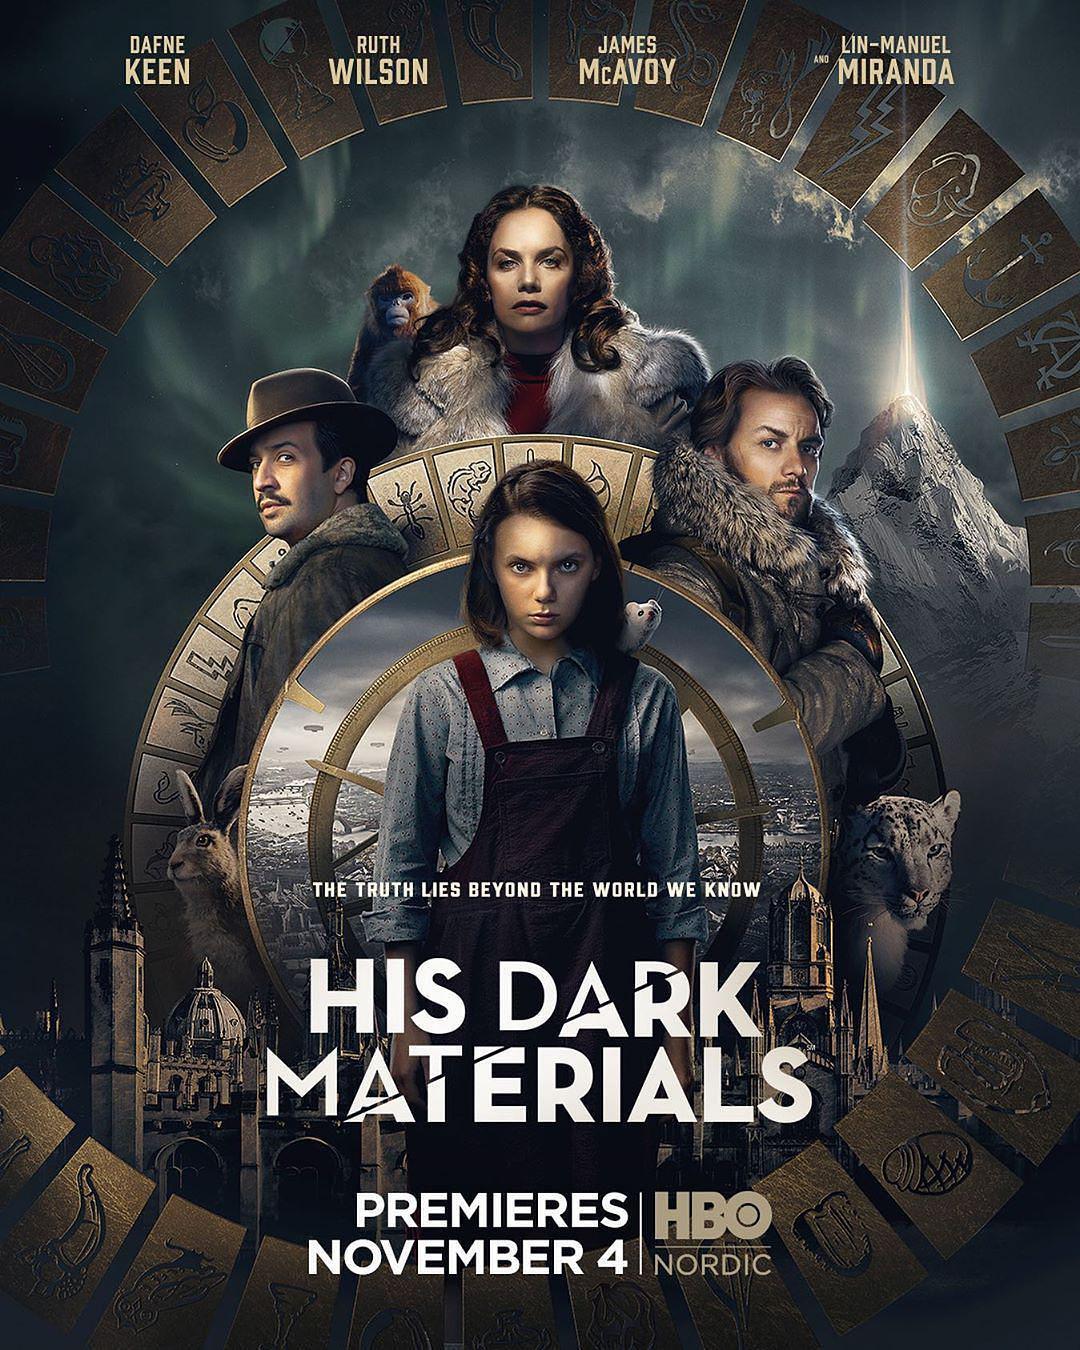 黑暗物质三部曲 第一季